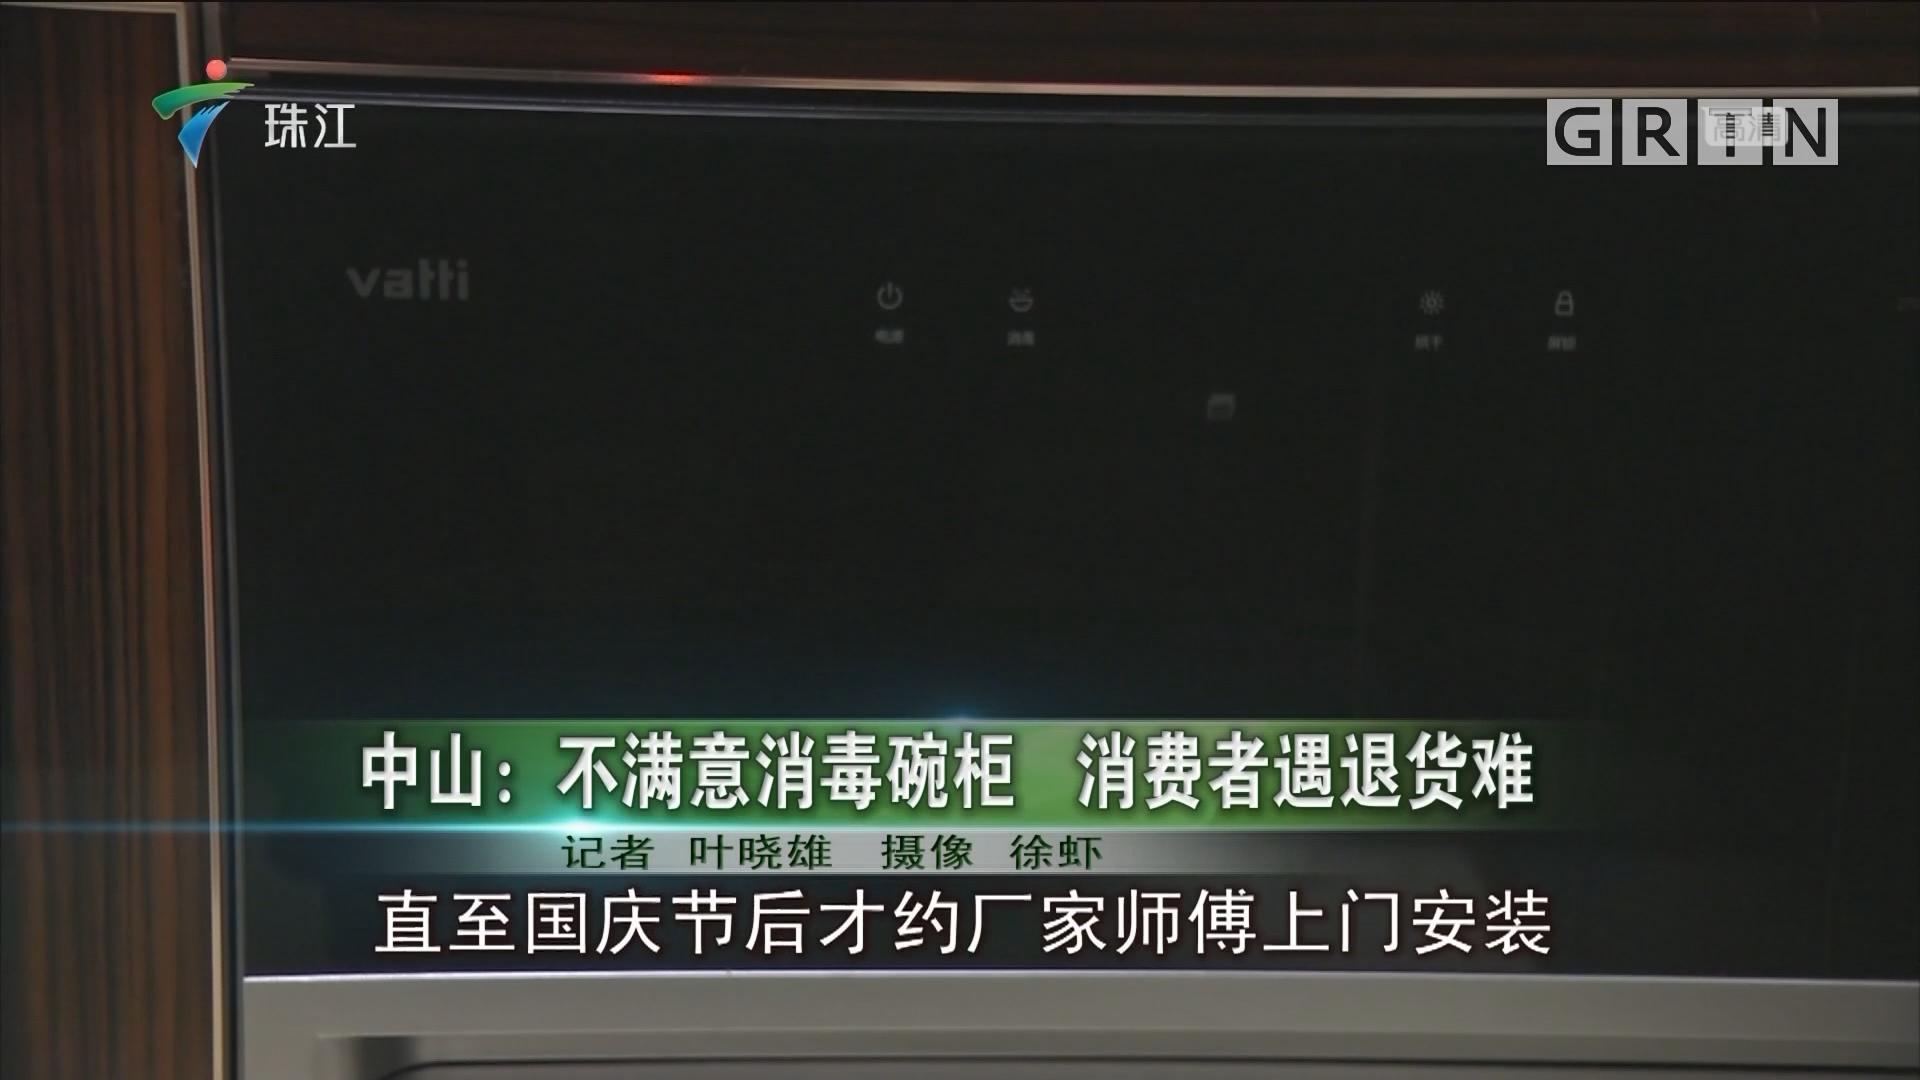 中山:不满意消毒碗柜 消费者遇退货难